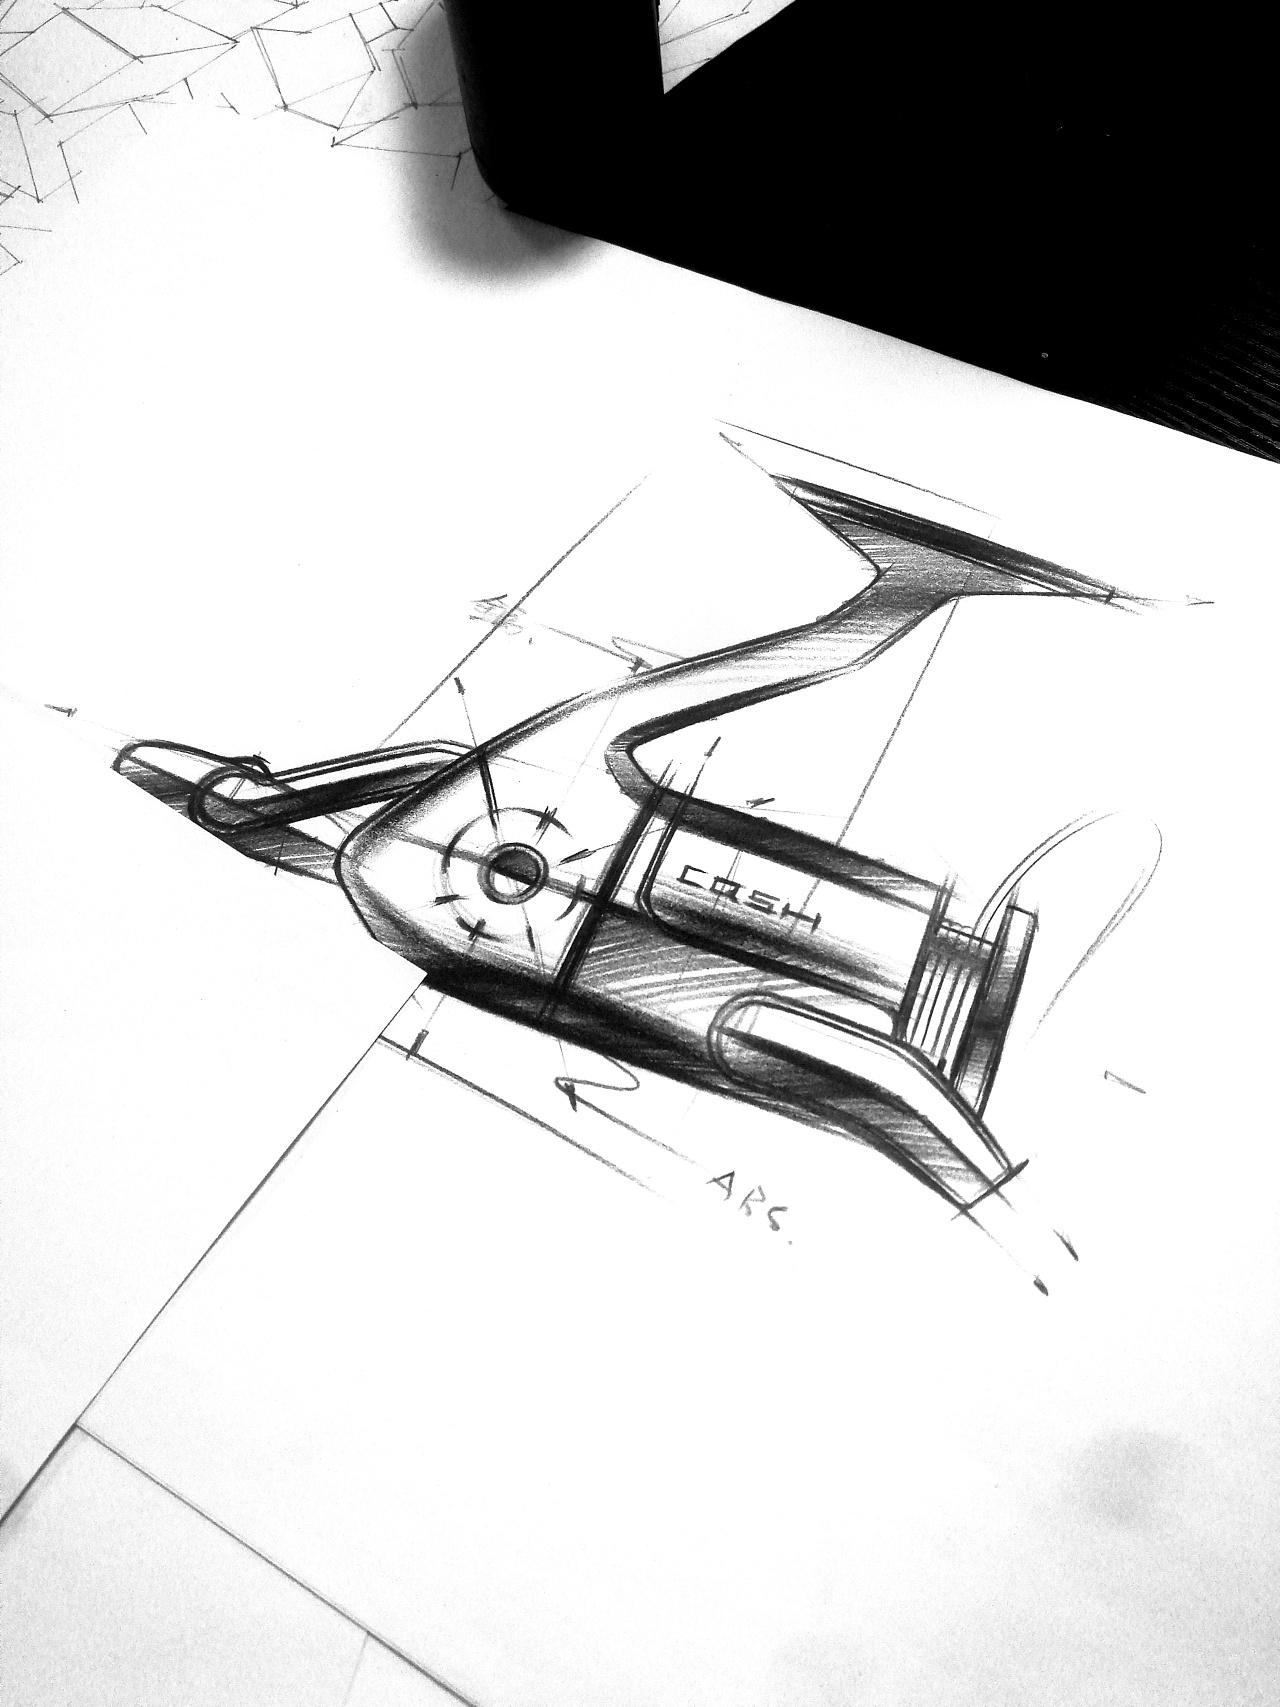 工业产品手绘_产品手绘图|工业/产品|交通工具|长青手绘 - 原创作品 - 站酷 (ZCOOL)